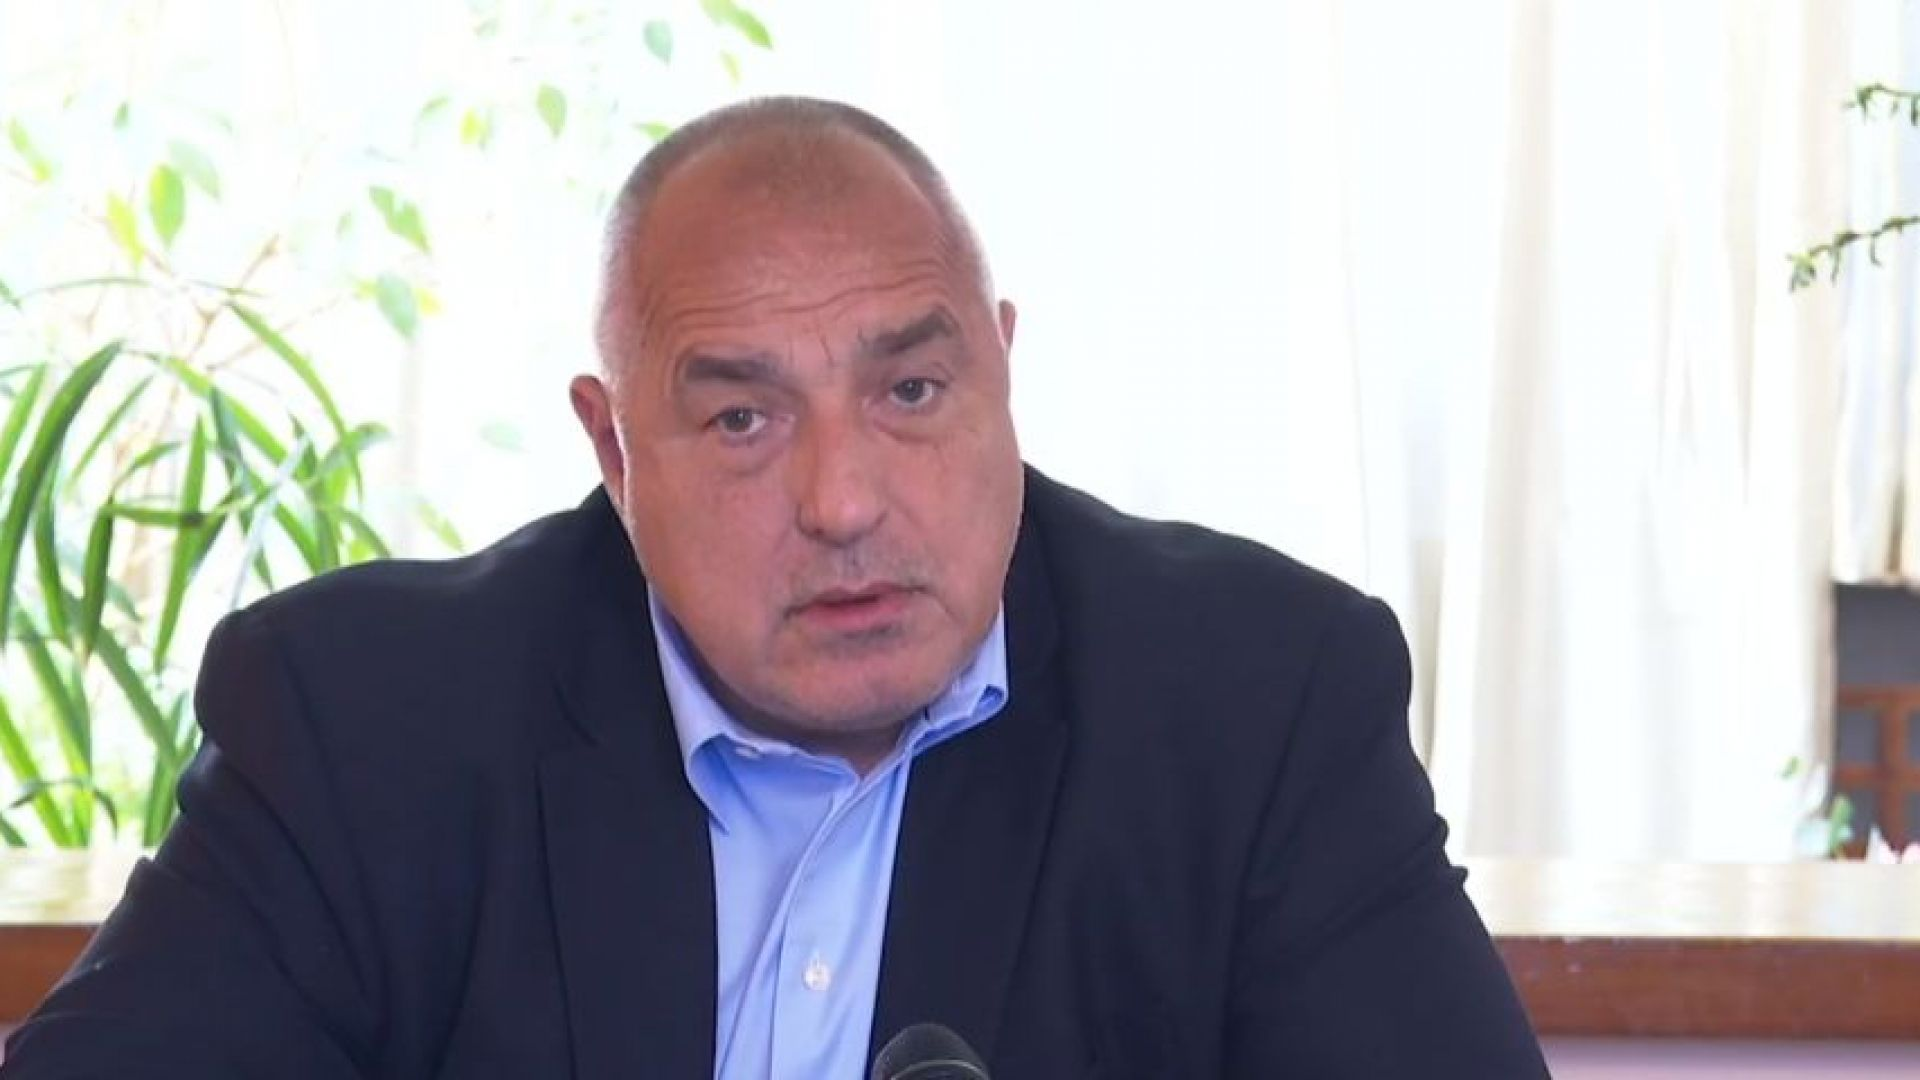 Бойко Борисов: Слави Трифонов да си покаже министрите, и Тодор Живков не е имал абсолютно мнозинство (видео)